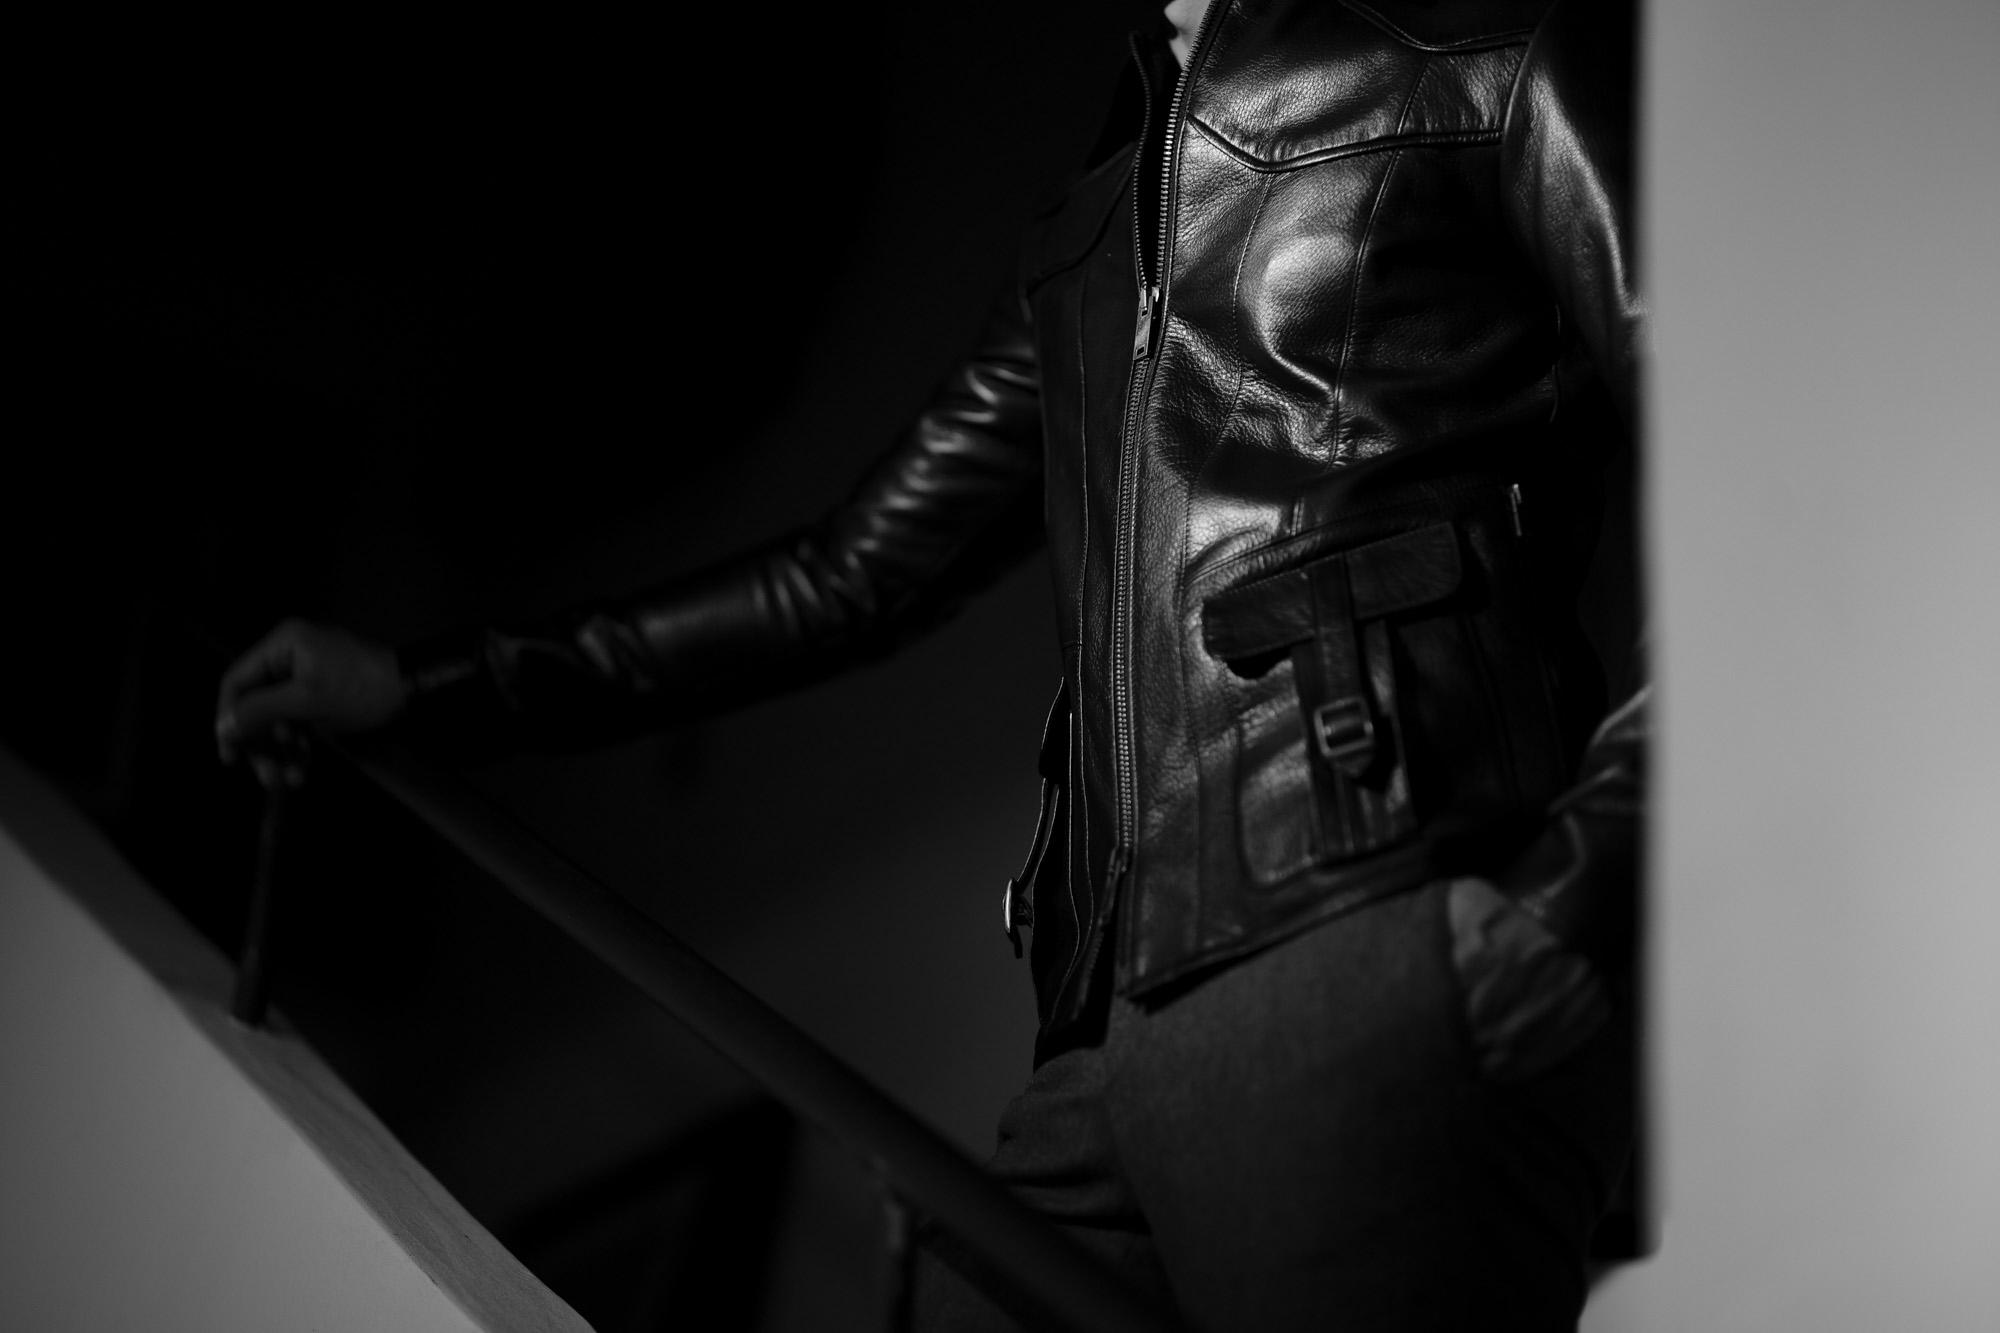 Cuervo (クエルボ) Satisfaction Leather Collection (サティスファクション レザー コレクション) East West(イーストウエスト)  SMOKE(スモーク) BUFFALO LEATHER (バッファロー レザー) レザージャケット BLACK(ブラック) MADE IN JAPAN (日本製) 2019 春夏  愛知 名古屋 altoediritto アルトエデリット 洋服屋 レザージャケット サウスパラディソ eastwest